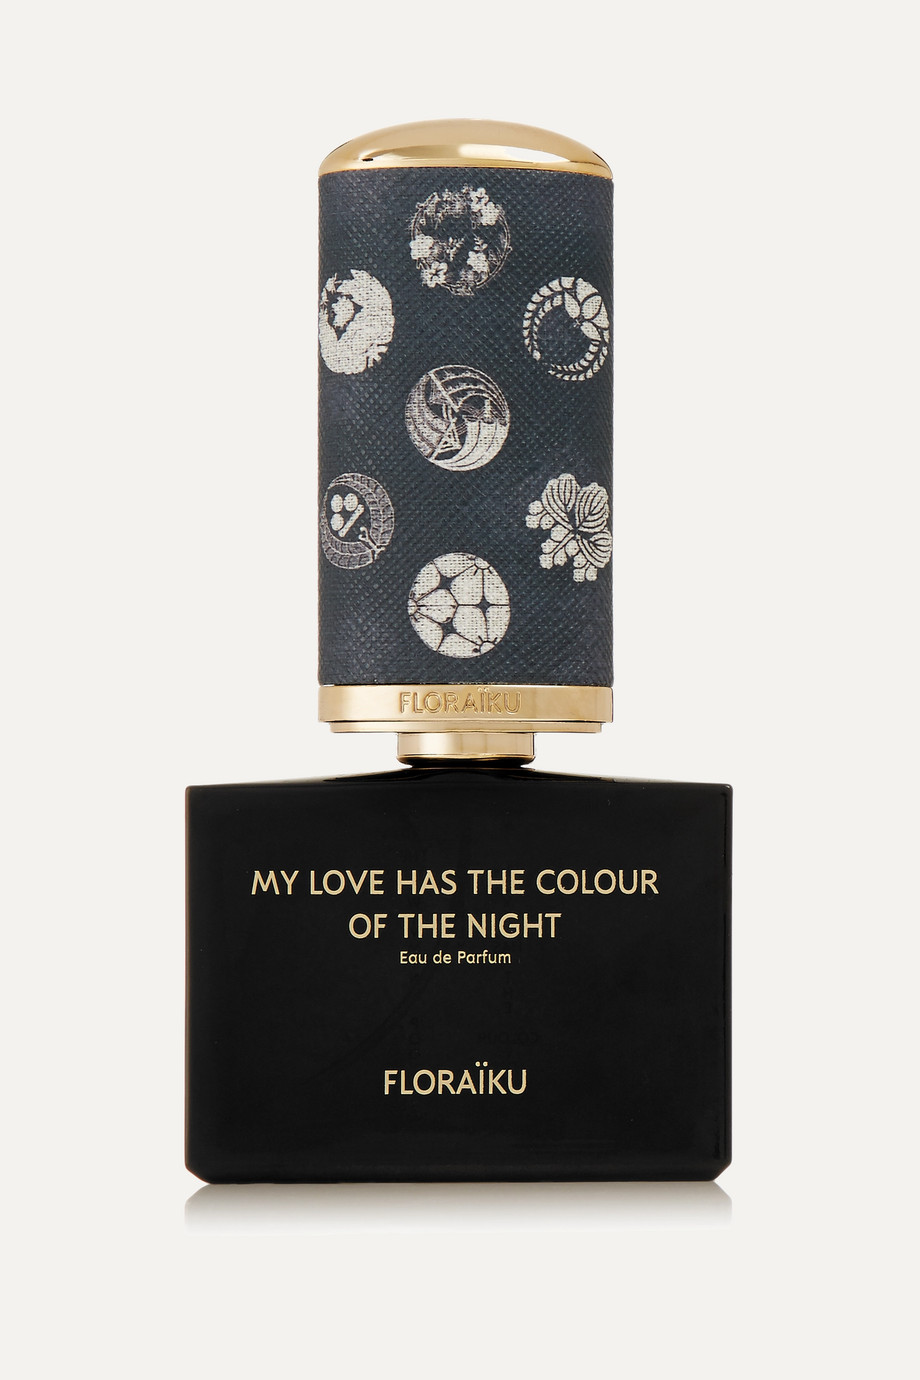 Floraiku My Love Has the Color of the Night, 50 ml & 10 ml – Eau de Parfum